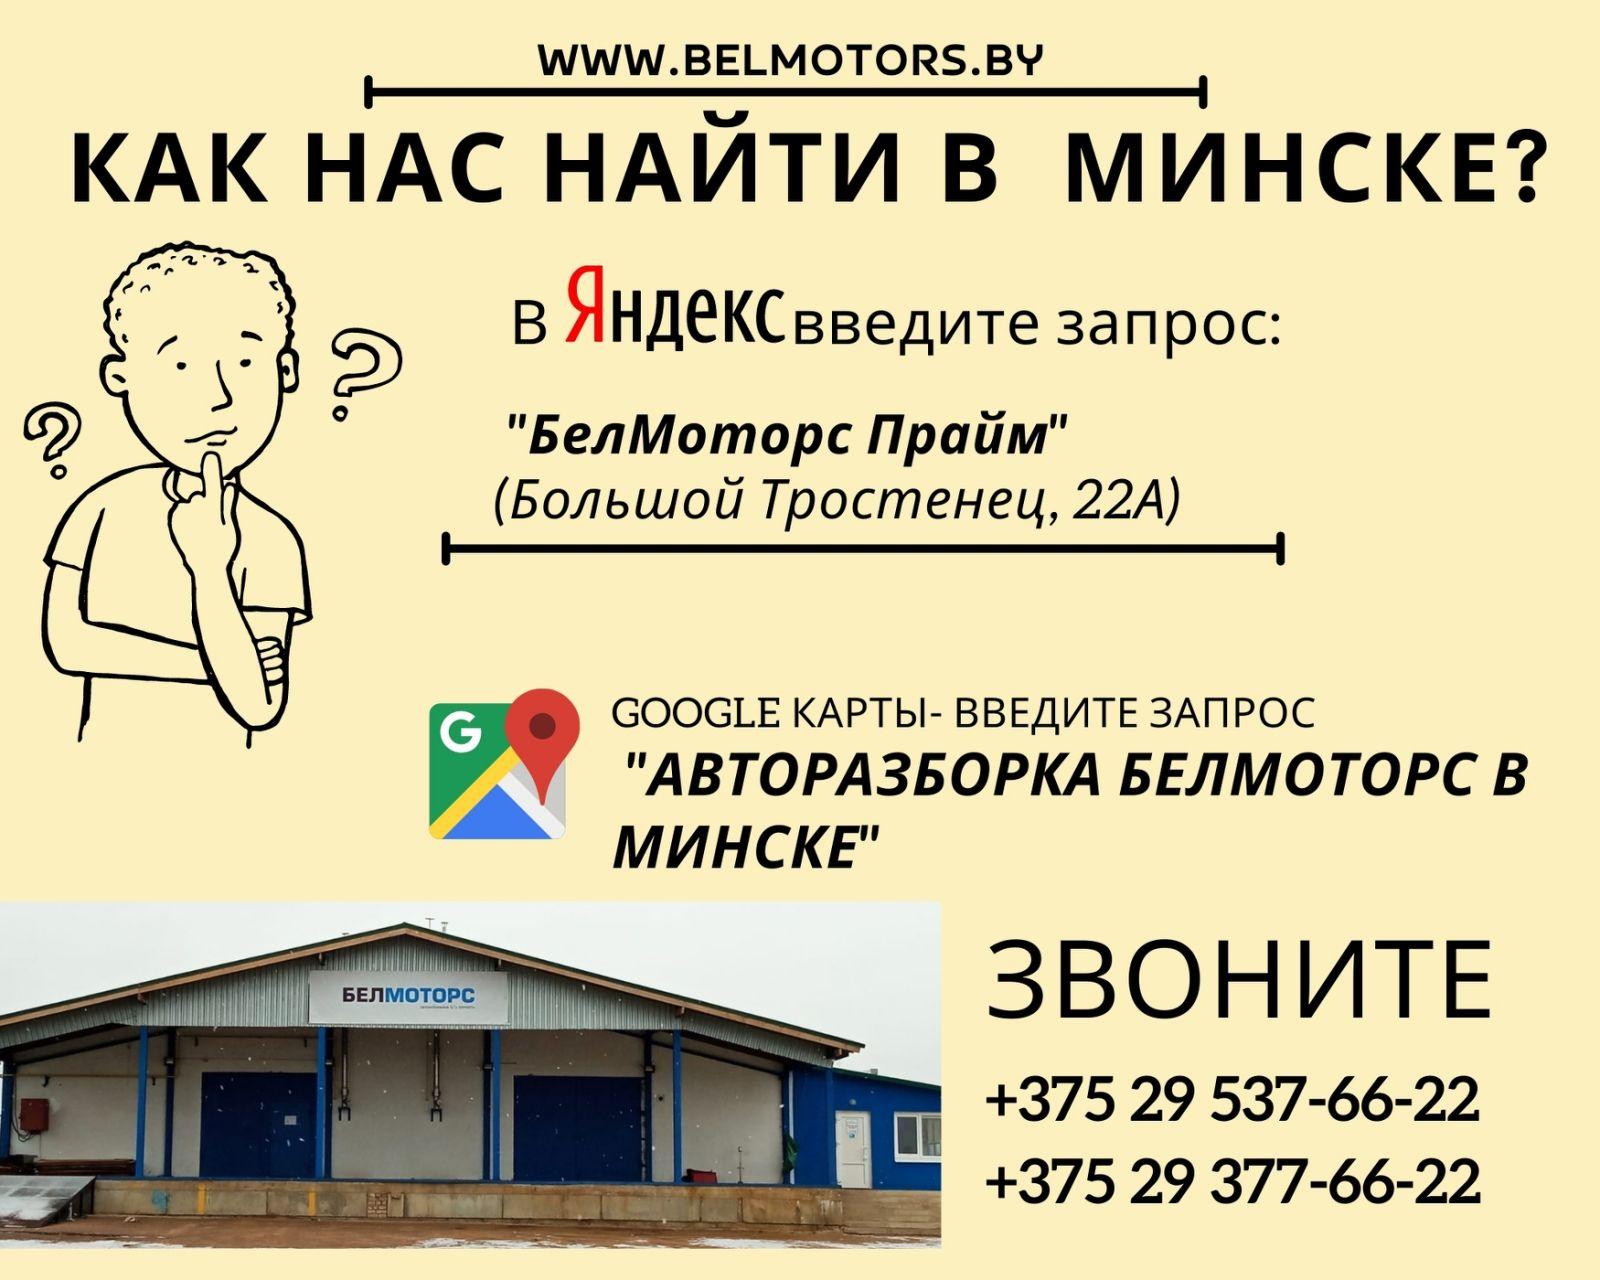 Контакты Белмоторс